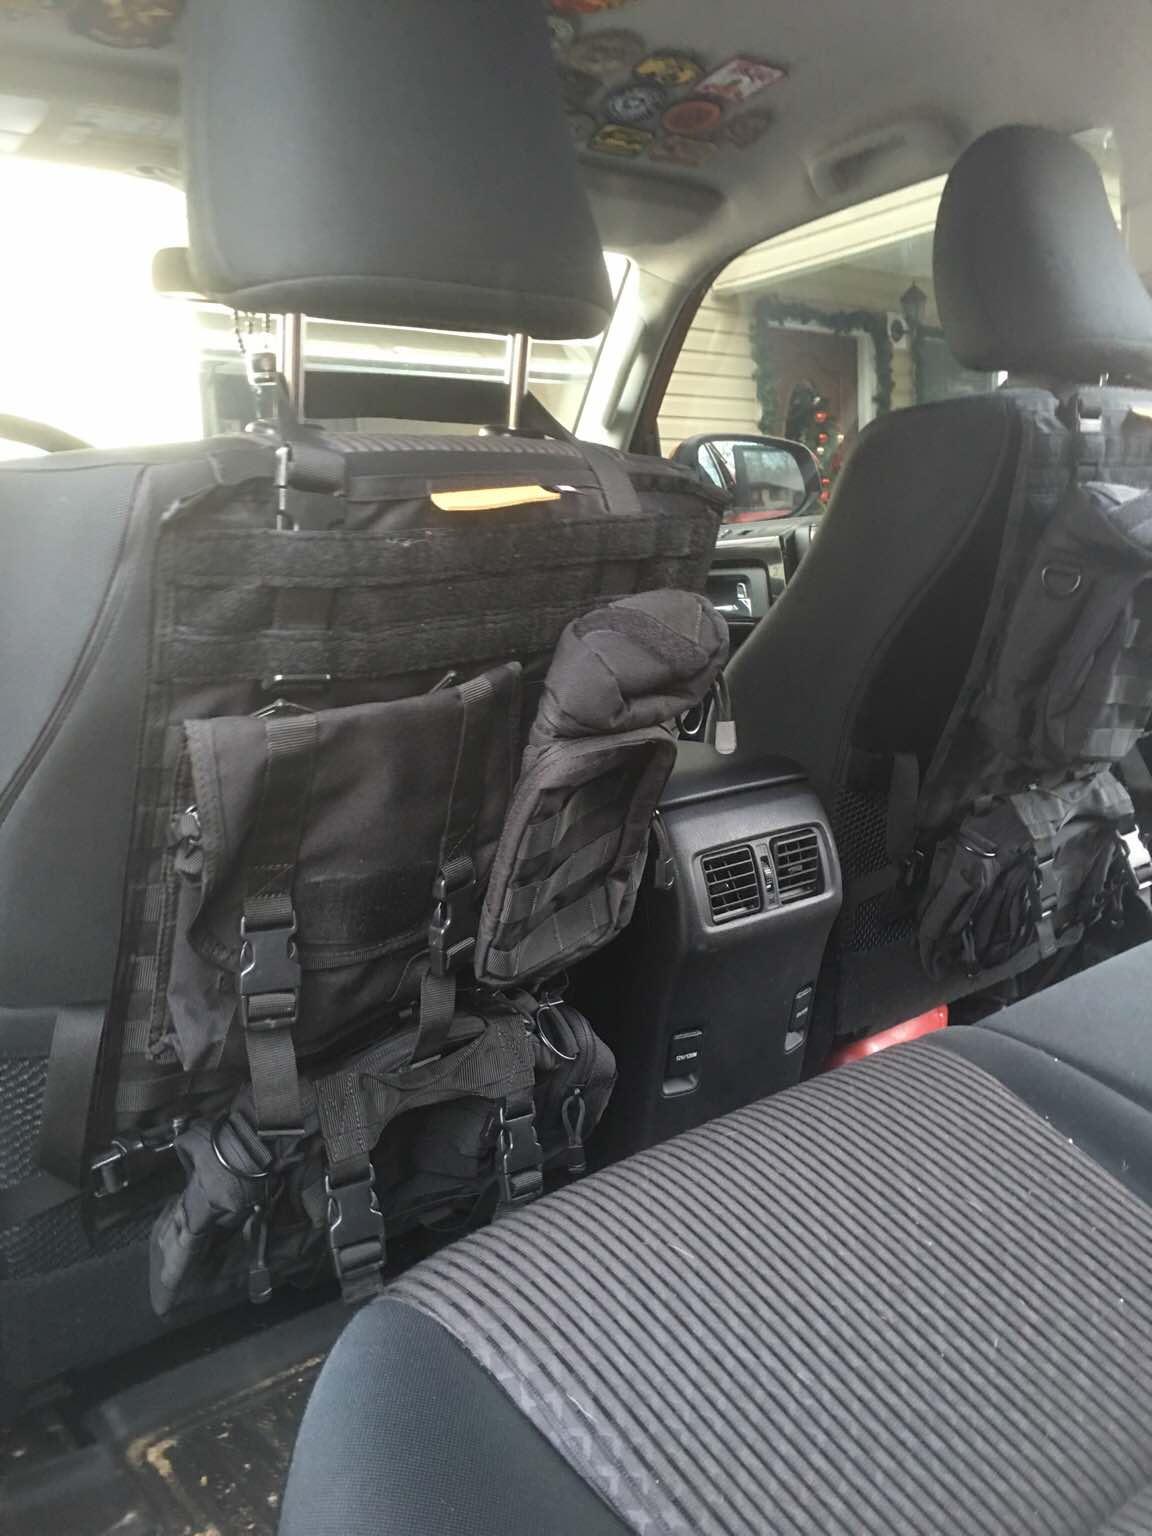 Best Dash Console Glovebox Interior Accessories Page 20 Toyota 4runner Forum Largest